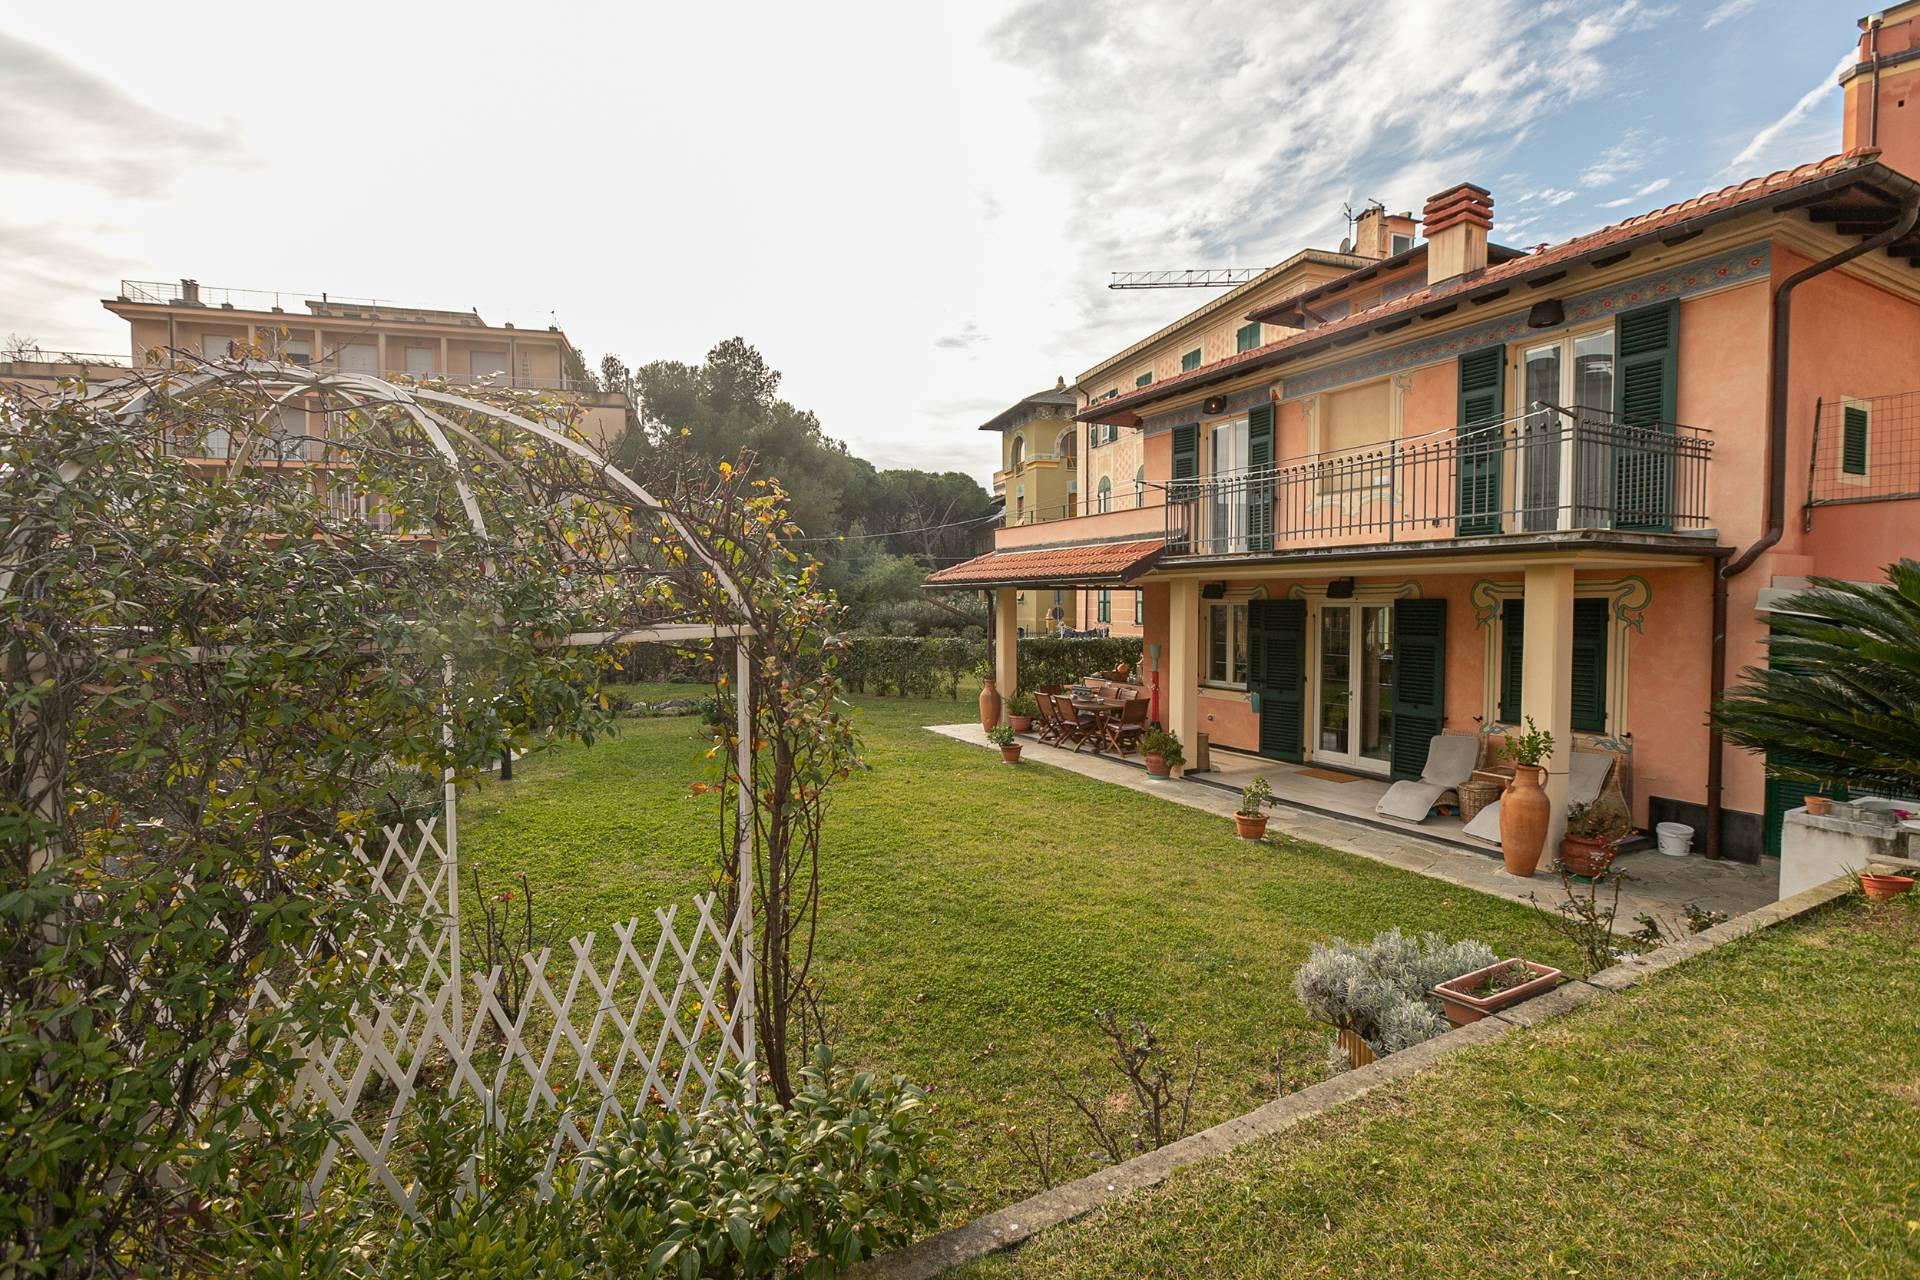 Villa in vendita a Arenzano, 9 locali, zona Località: CentroStorico, prezzo € 1.190.000 | CambioCasa.it